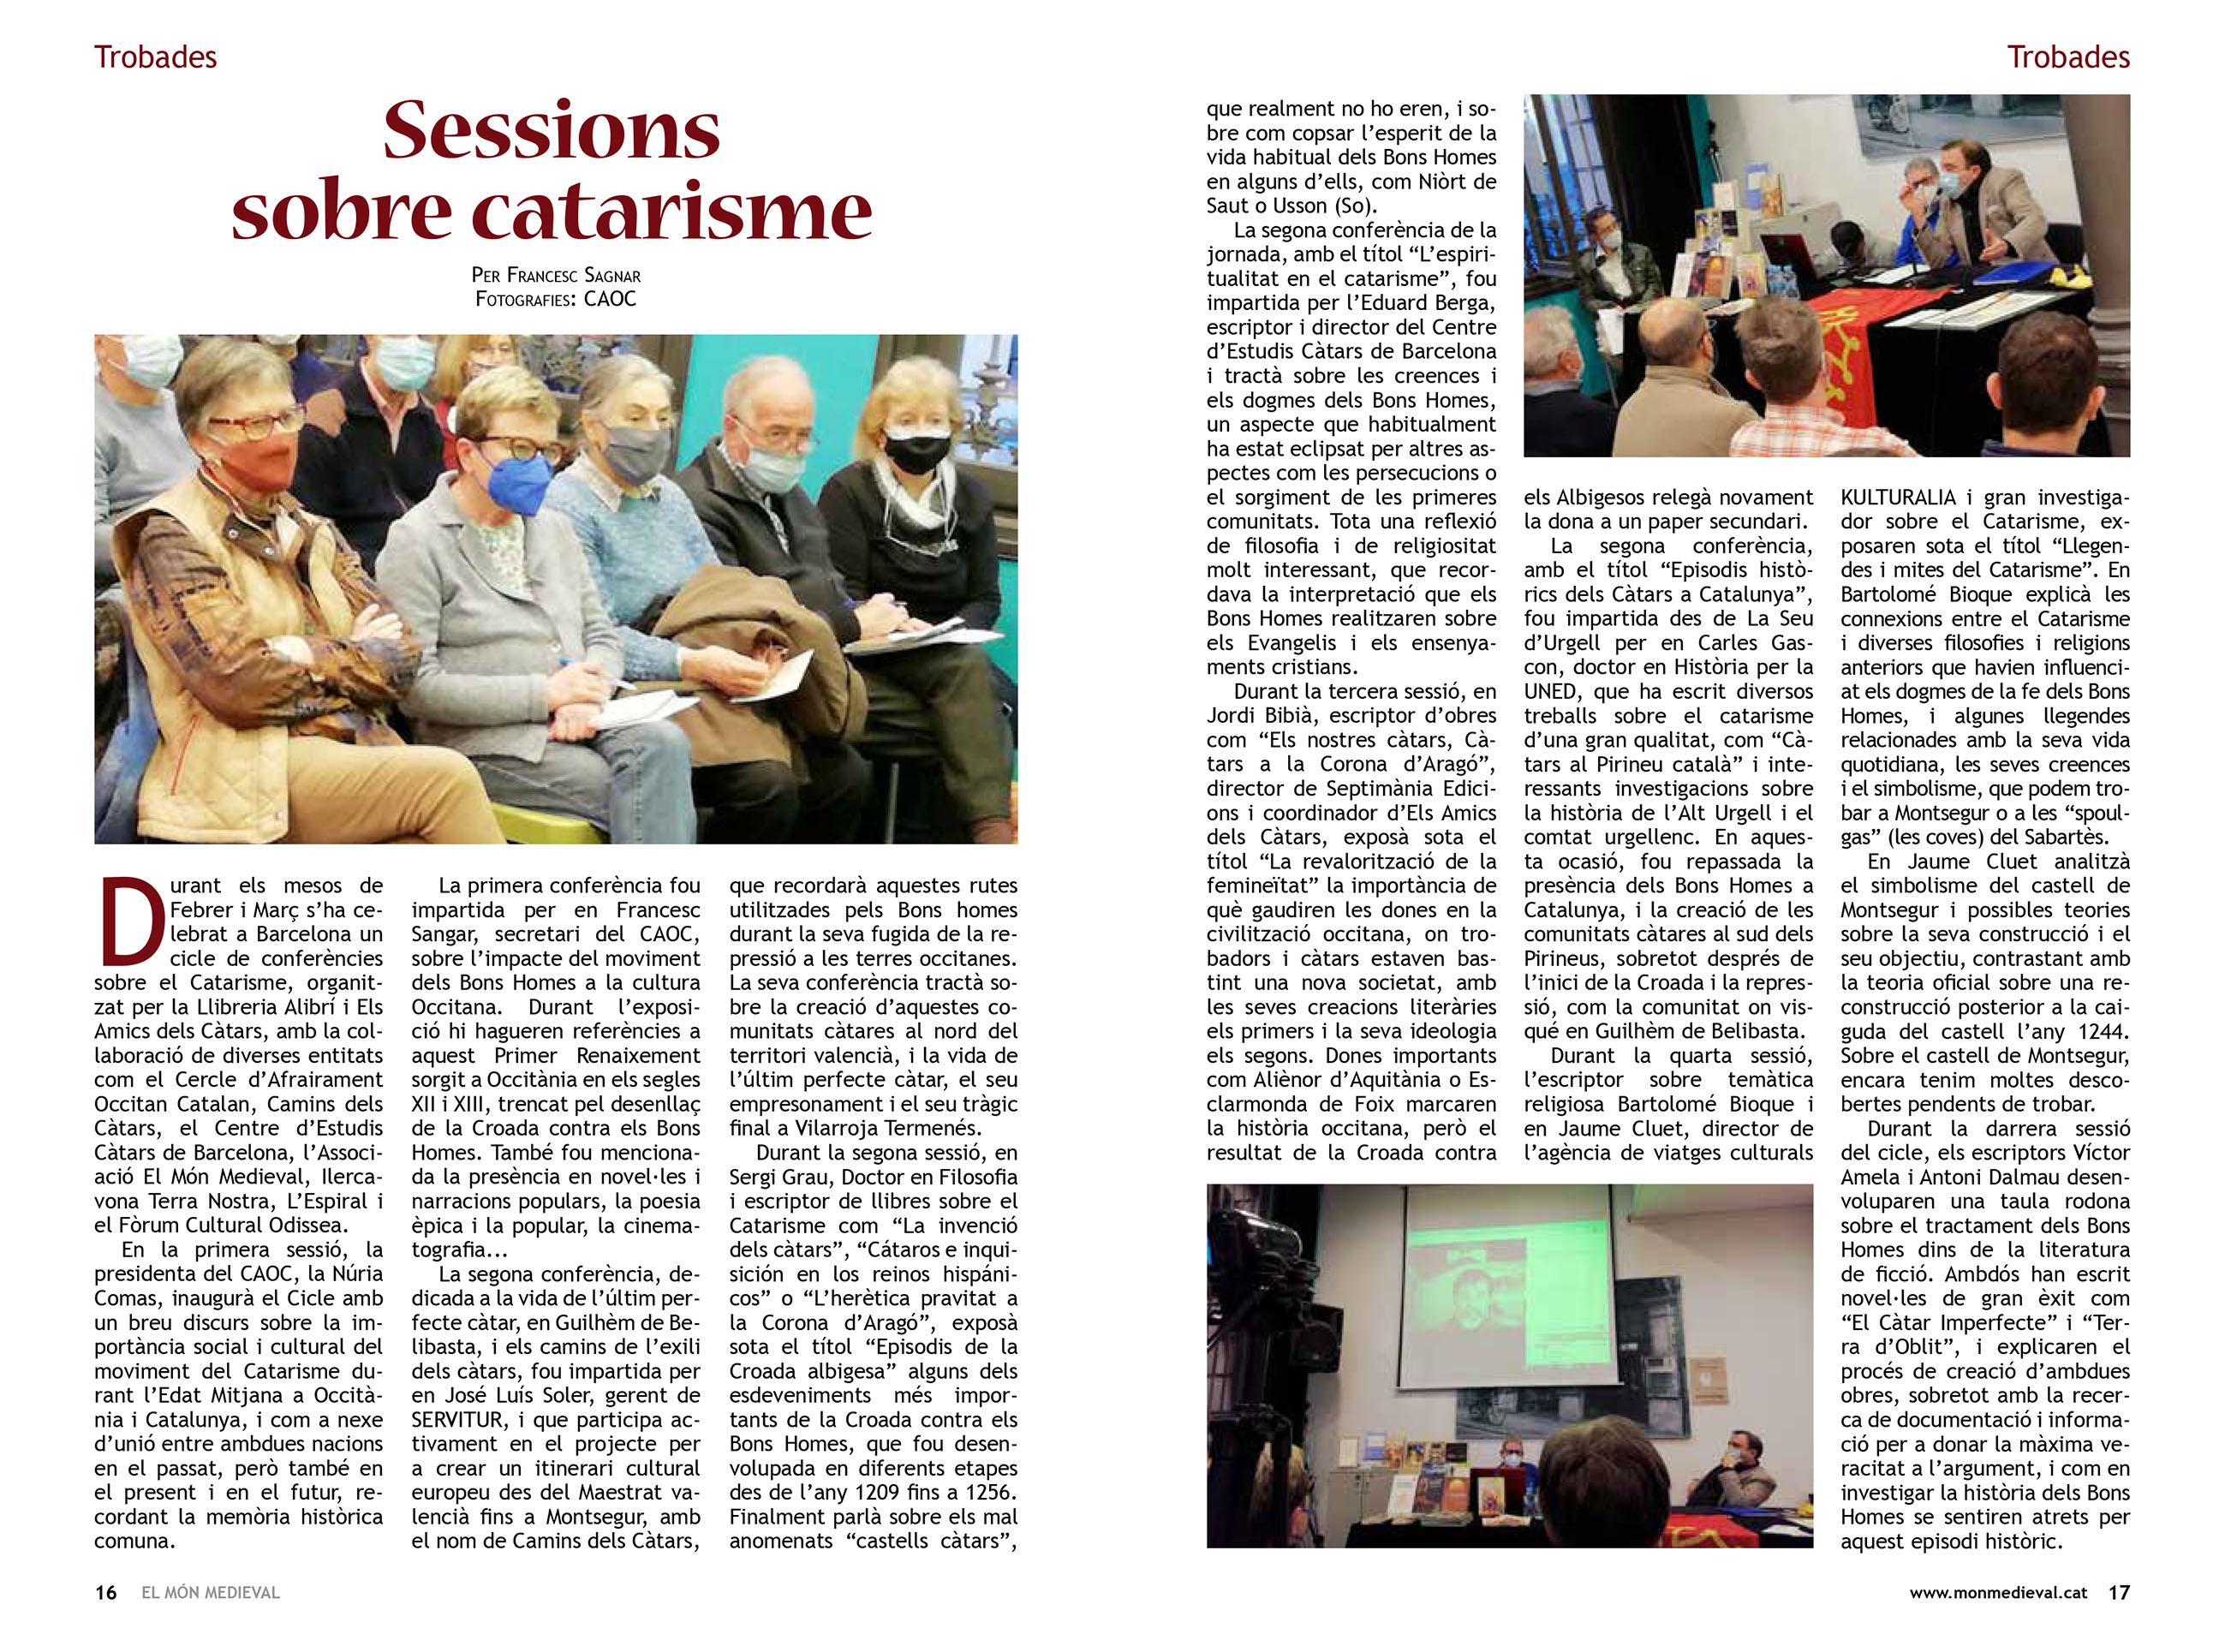 15.07.2021 Article publicat a la revista MÓN MEDIEVAL  -  Francesc Sangar